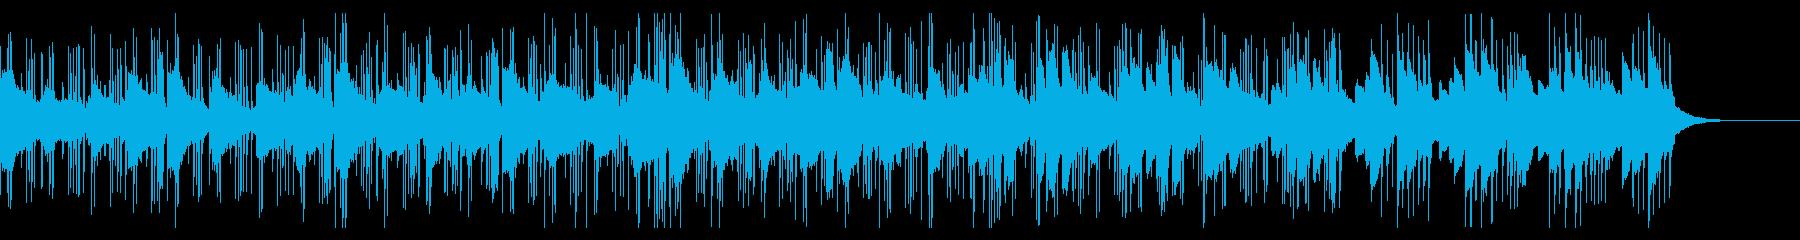 ゆっくりと始まりを感じさせるエレクトロの再生済みの波形